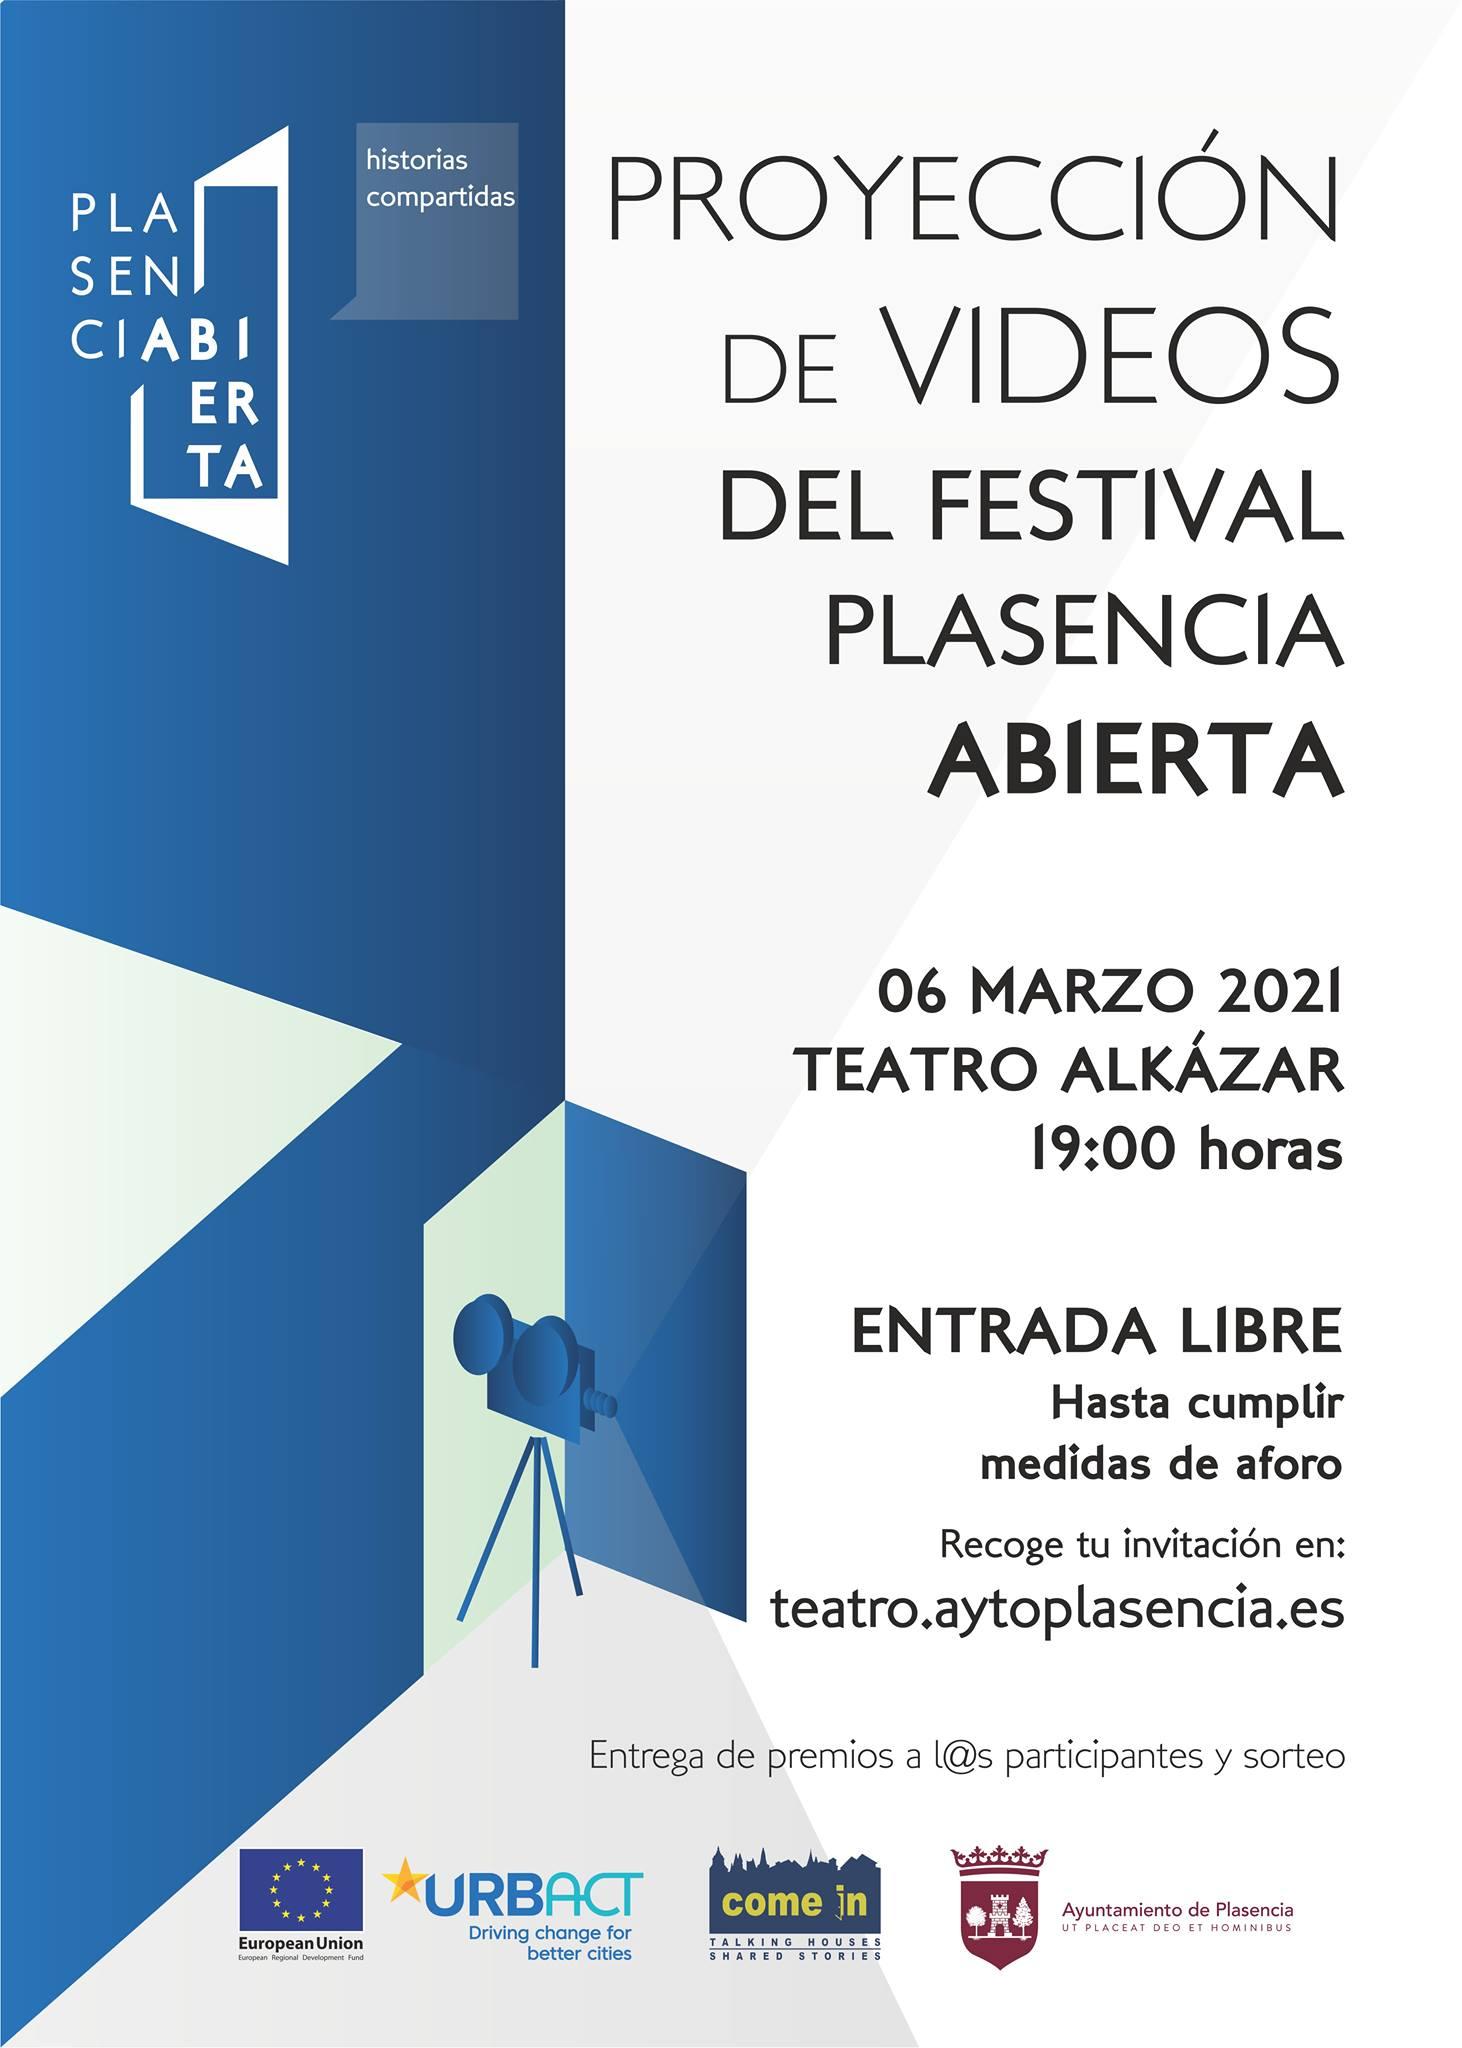 Proyecciones Festival Online de Vídeo 'Plasencia Abierta'